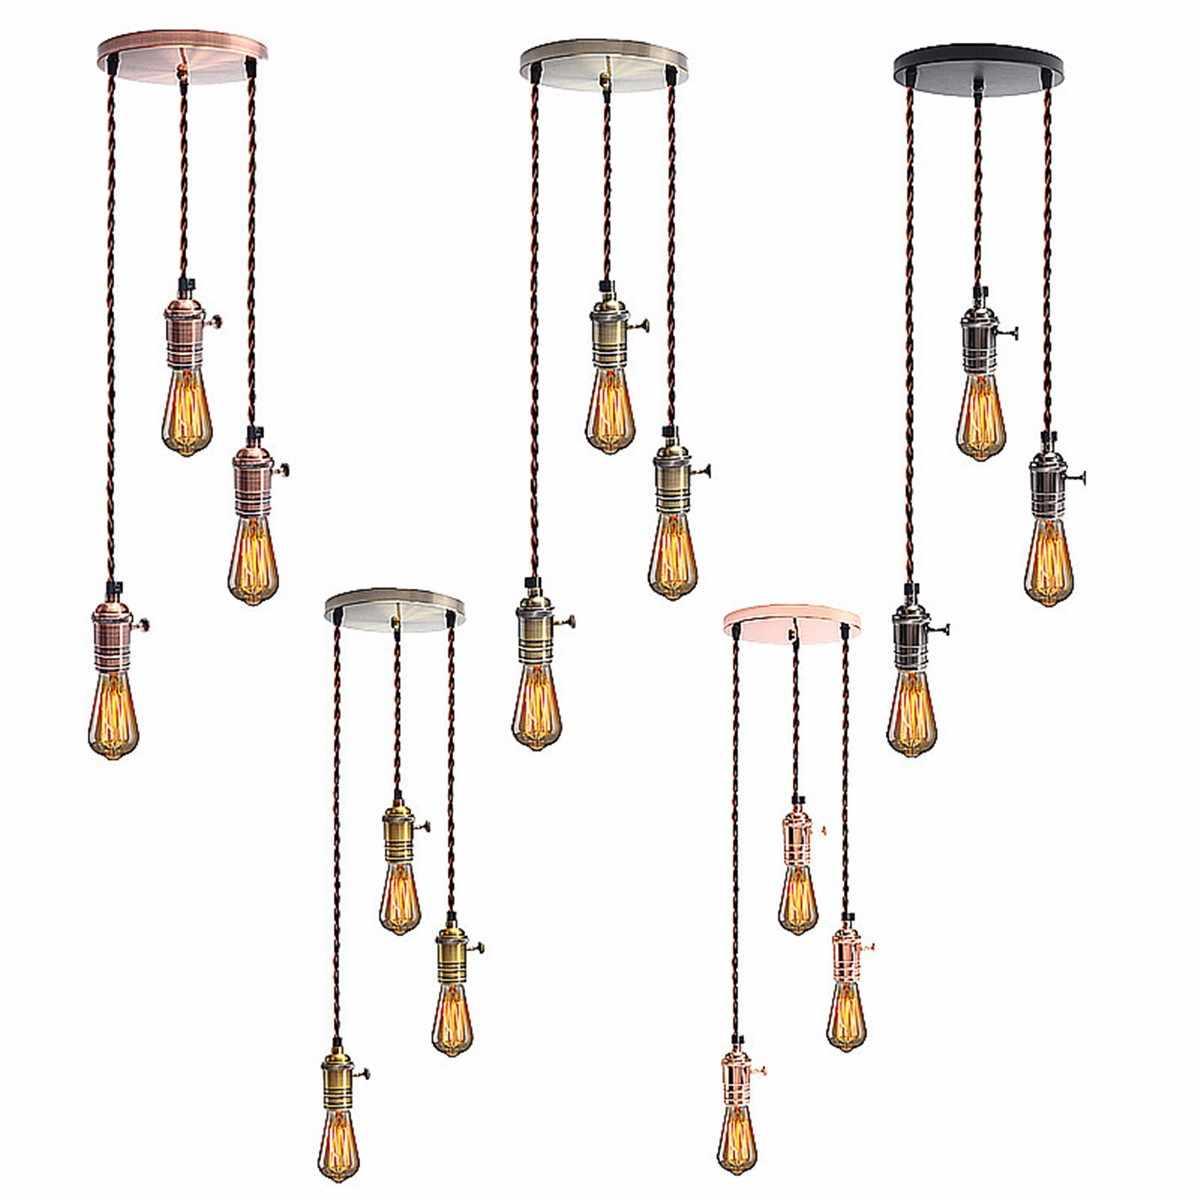 Ретро Винтаж, Индустриальный Лофт, Медь подвесные потолочные Edison светодиодная лампа база держатель Гнездо для абажура с переключателем E27